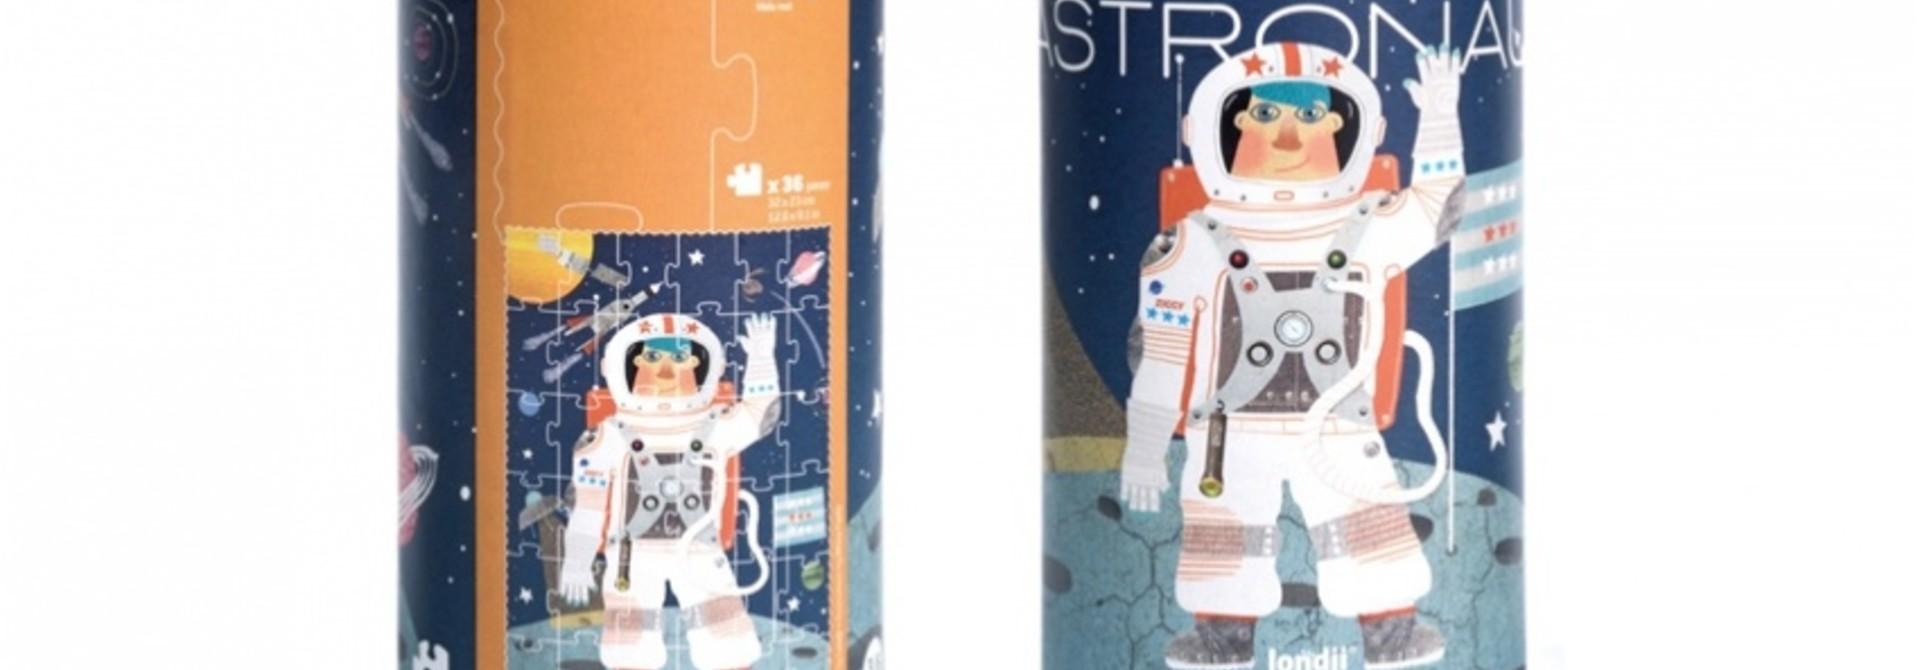 Astronaut Puzzle